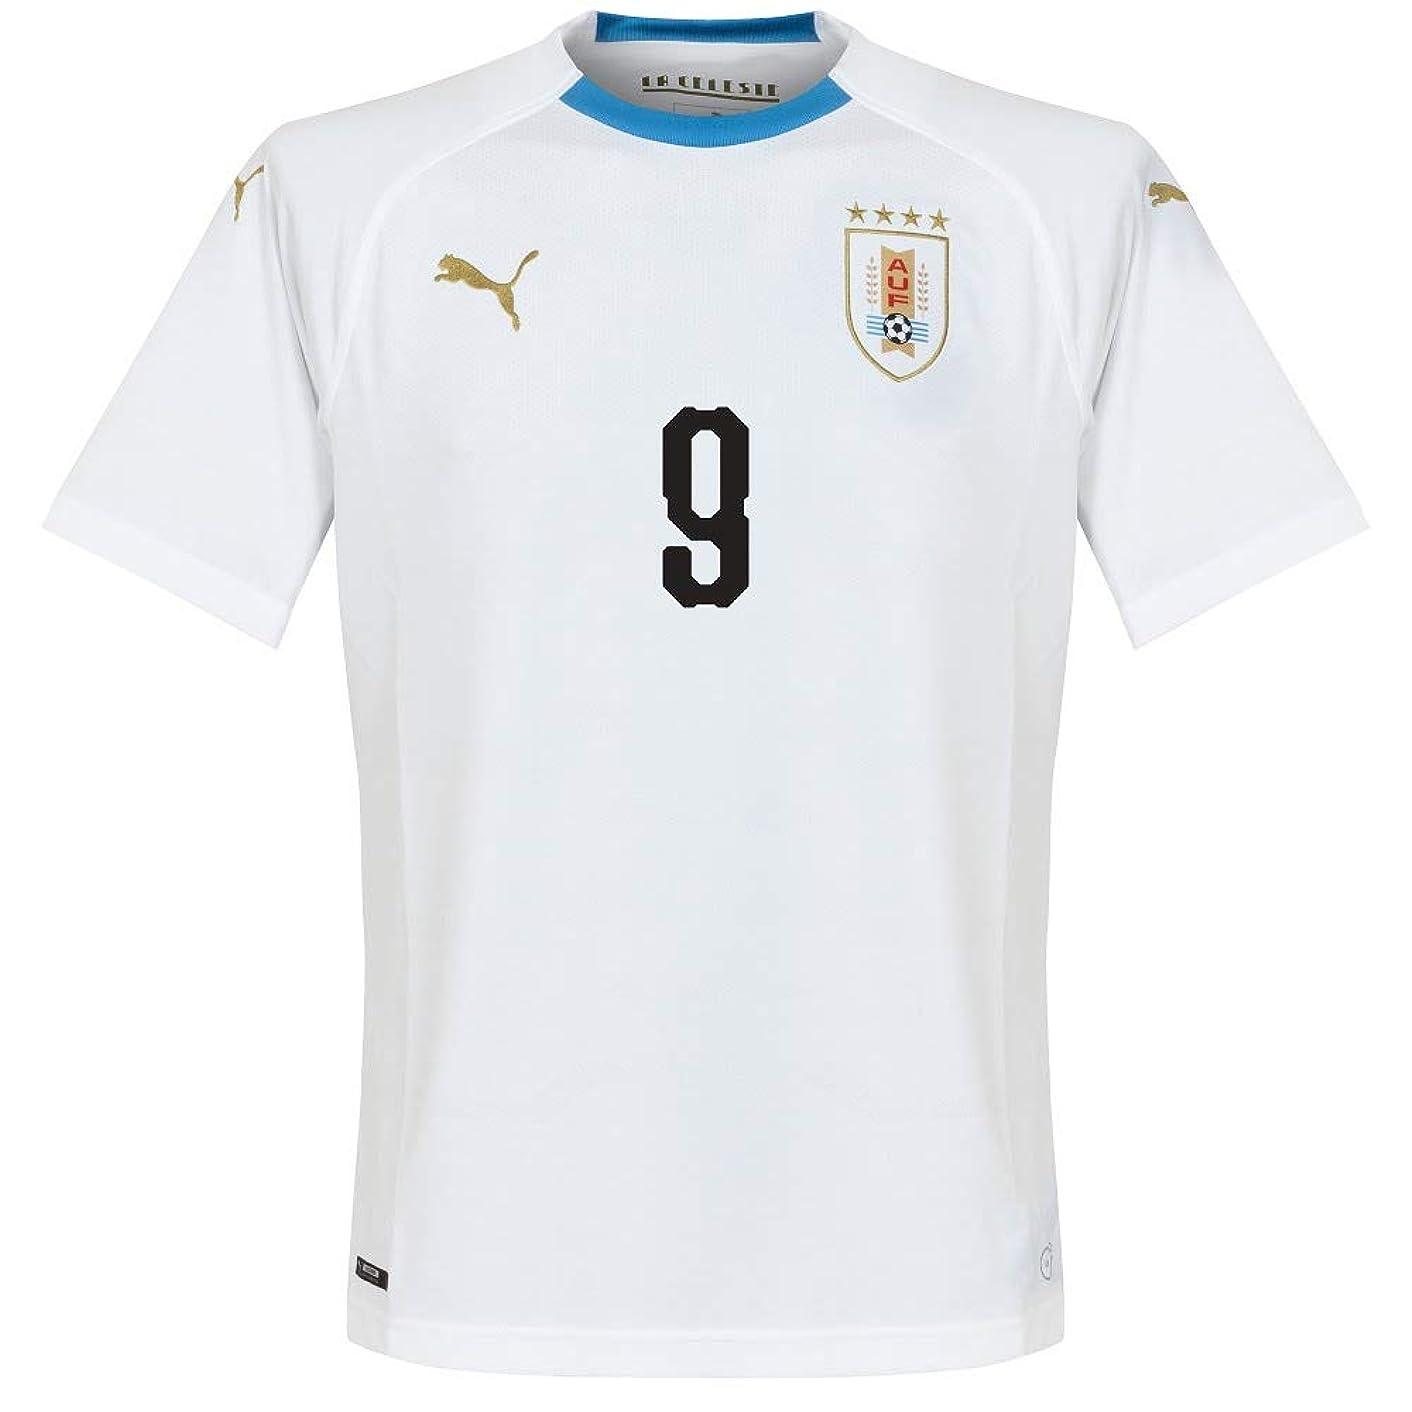 PUMA Uruguay Away Suarez 9 Jersey 2018/2019 (Official Printing) - L